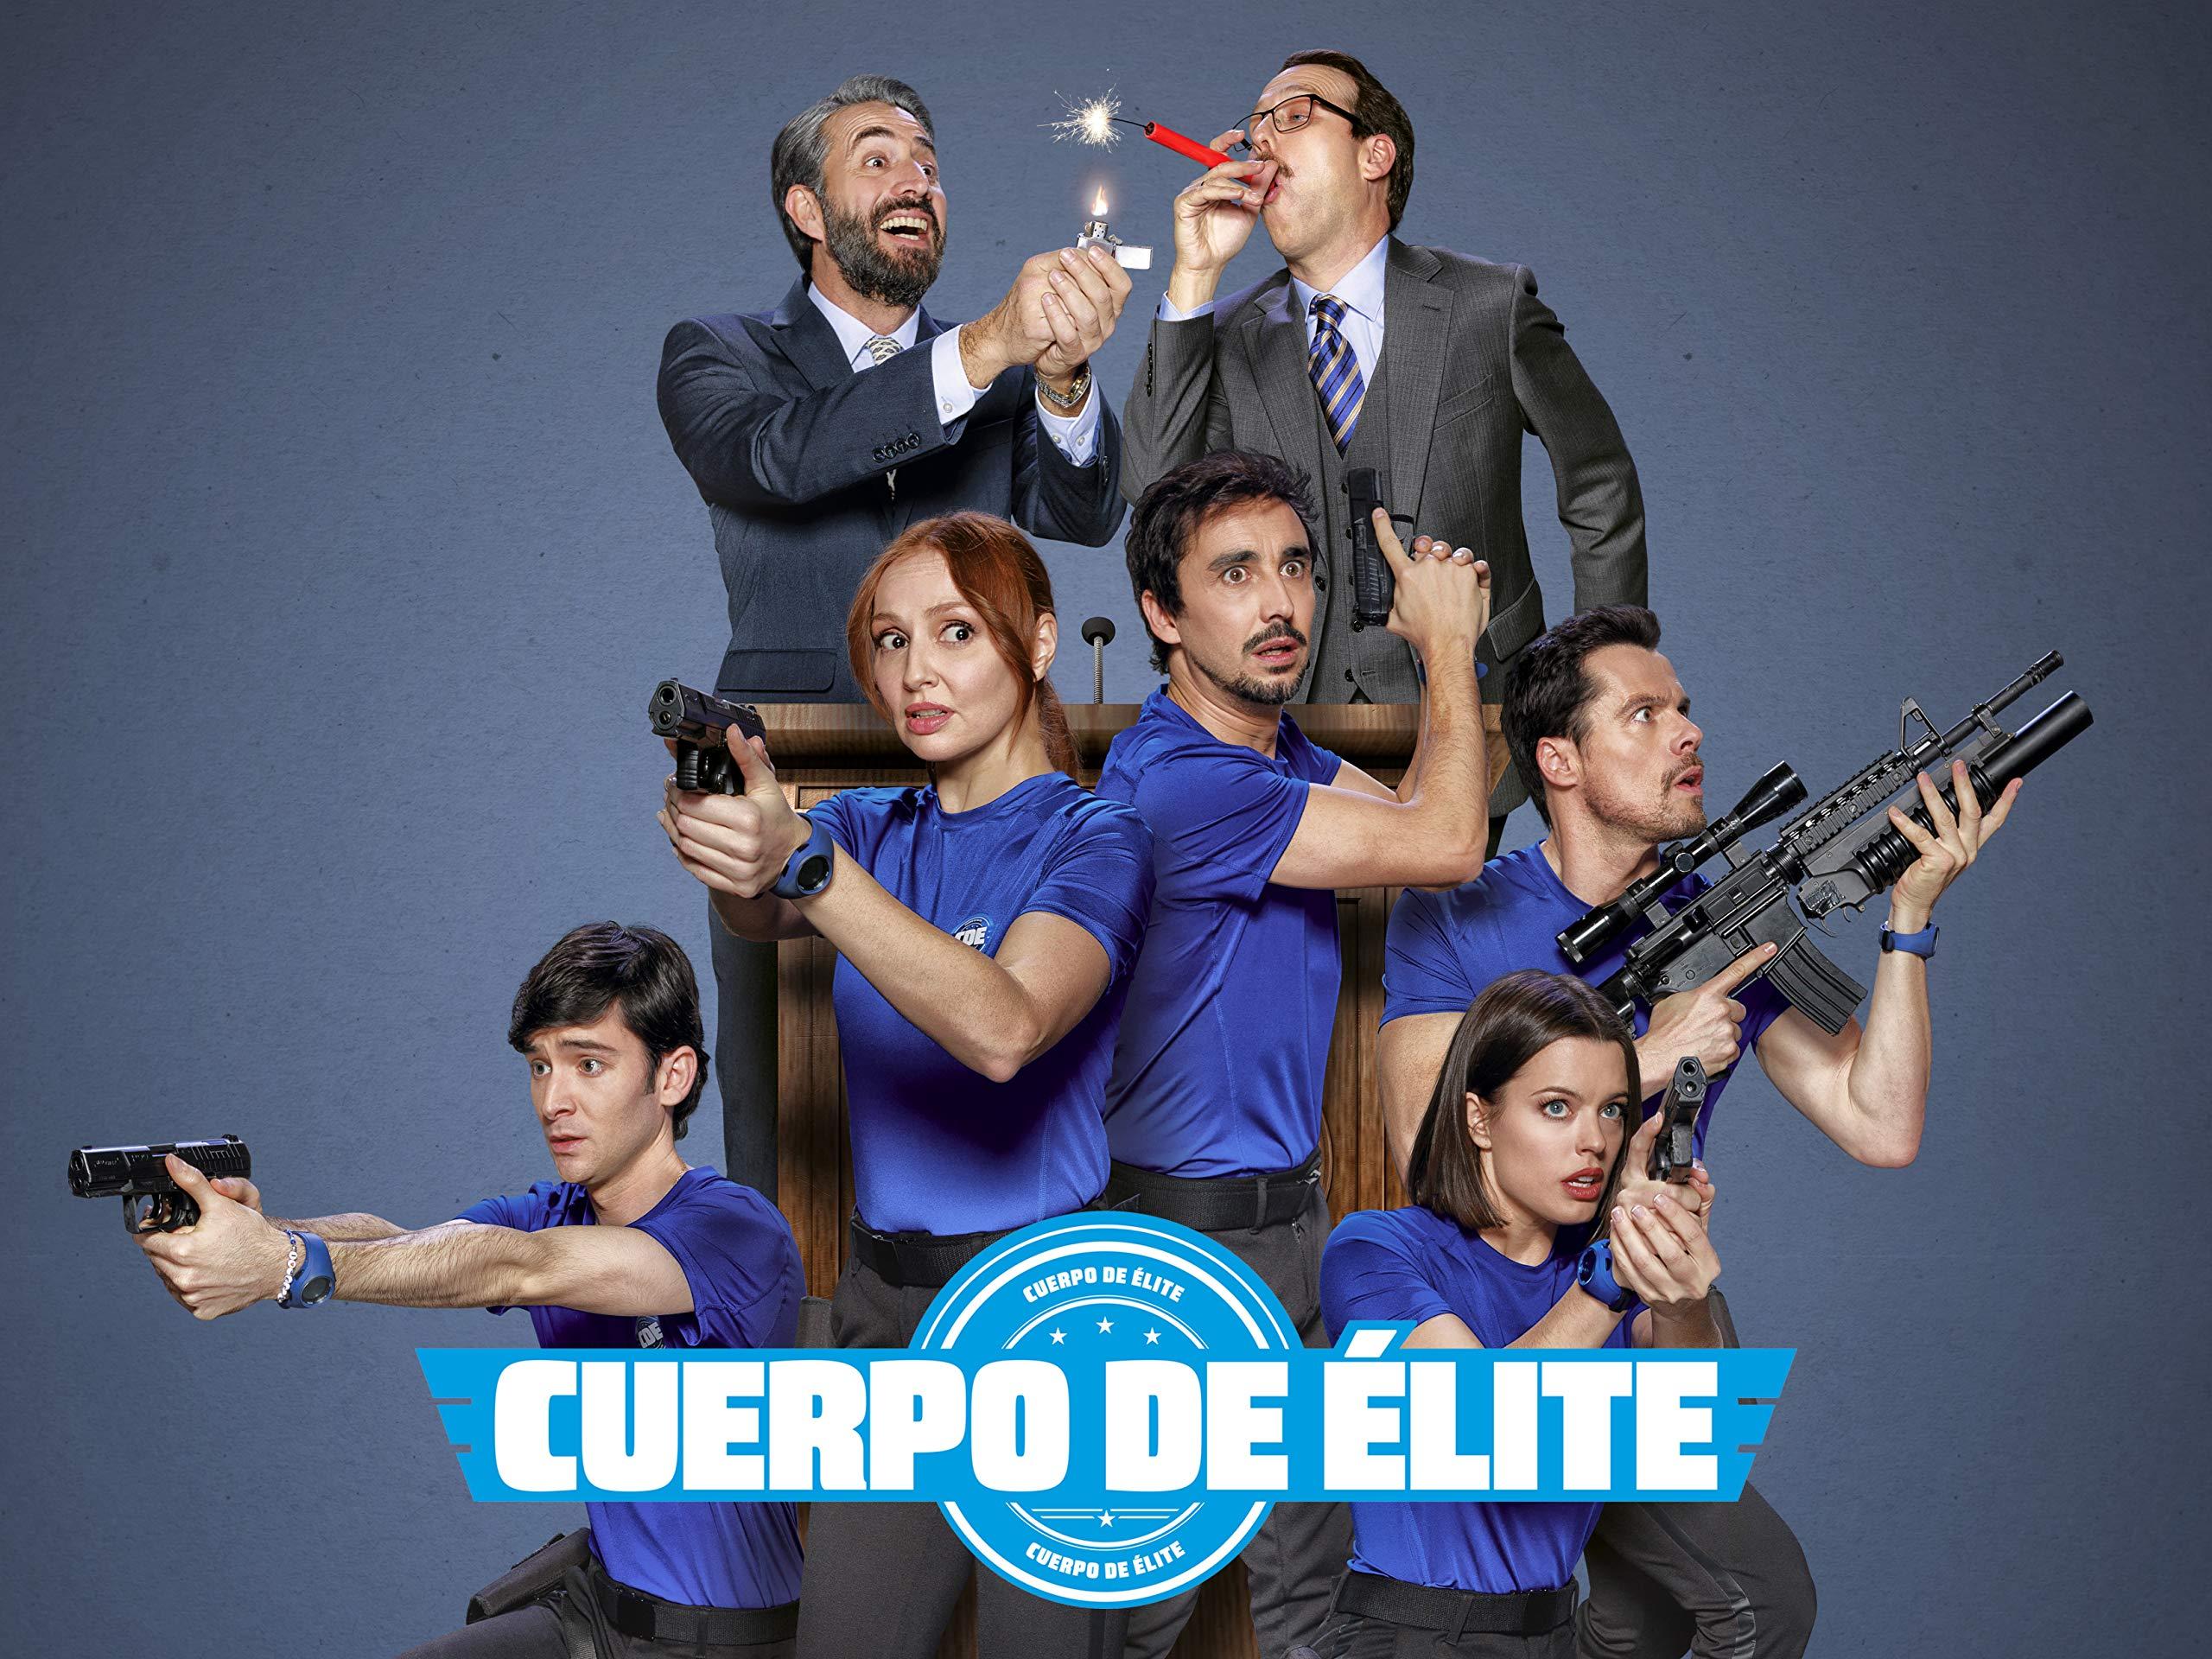 Amazon.com: Cuerpo de élite: Octavi Pujalde, Canco Rodriguez ...